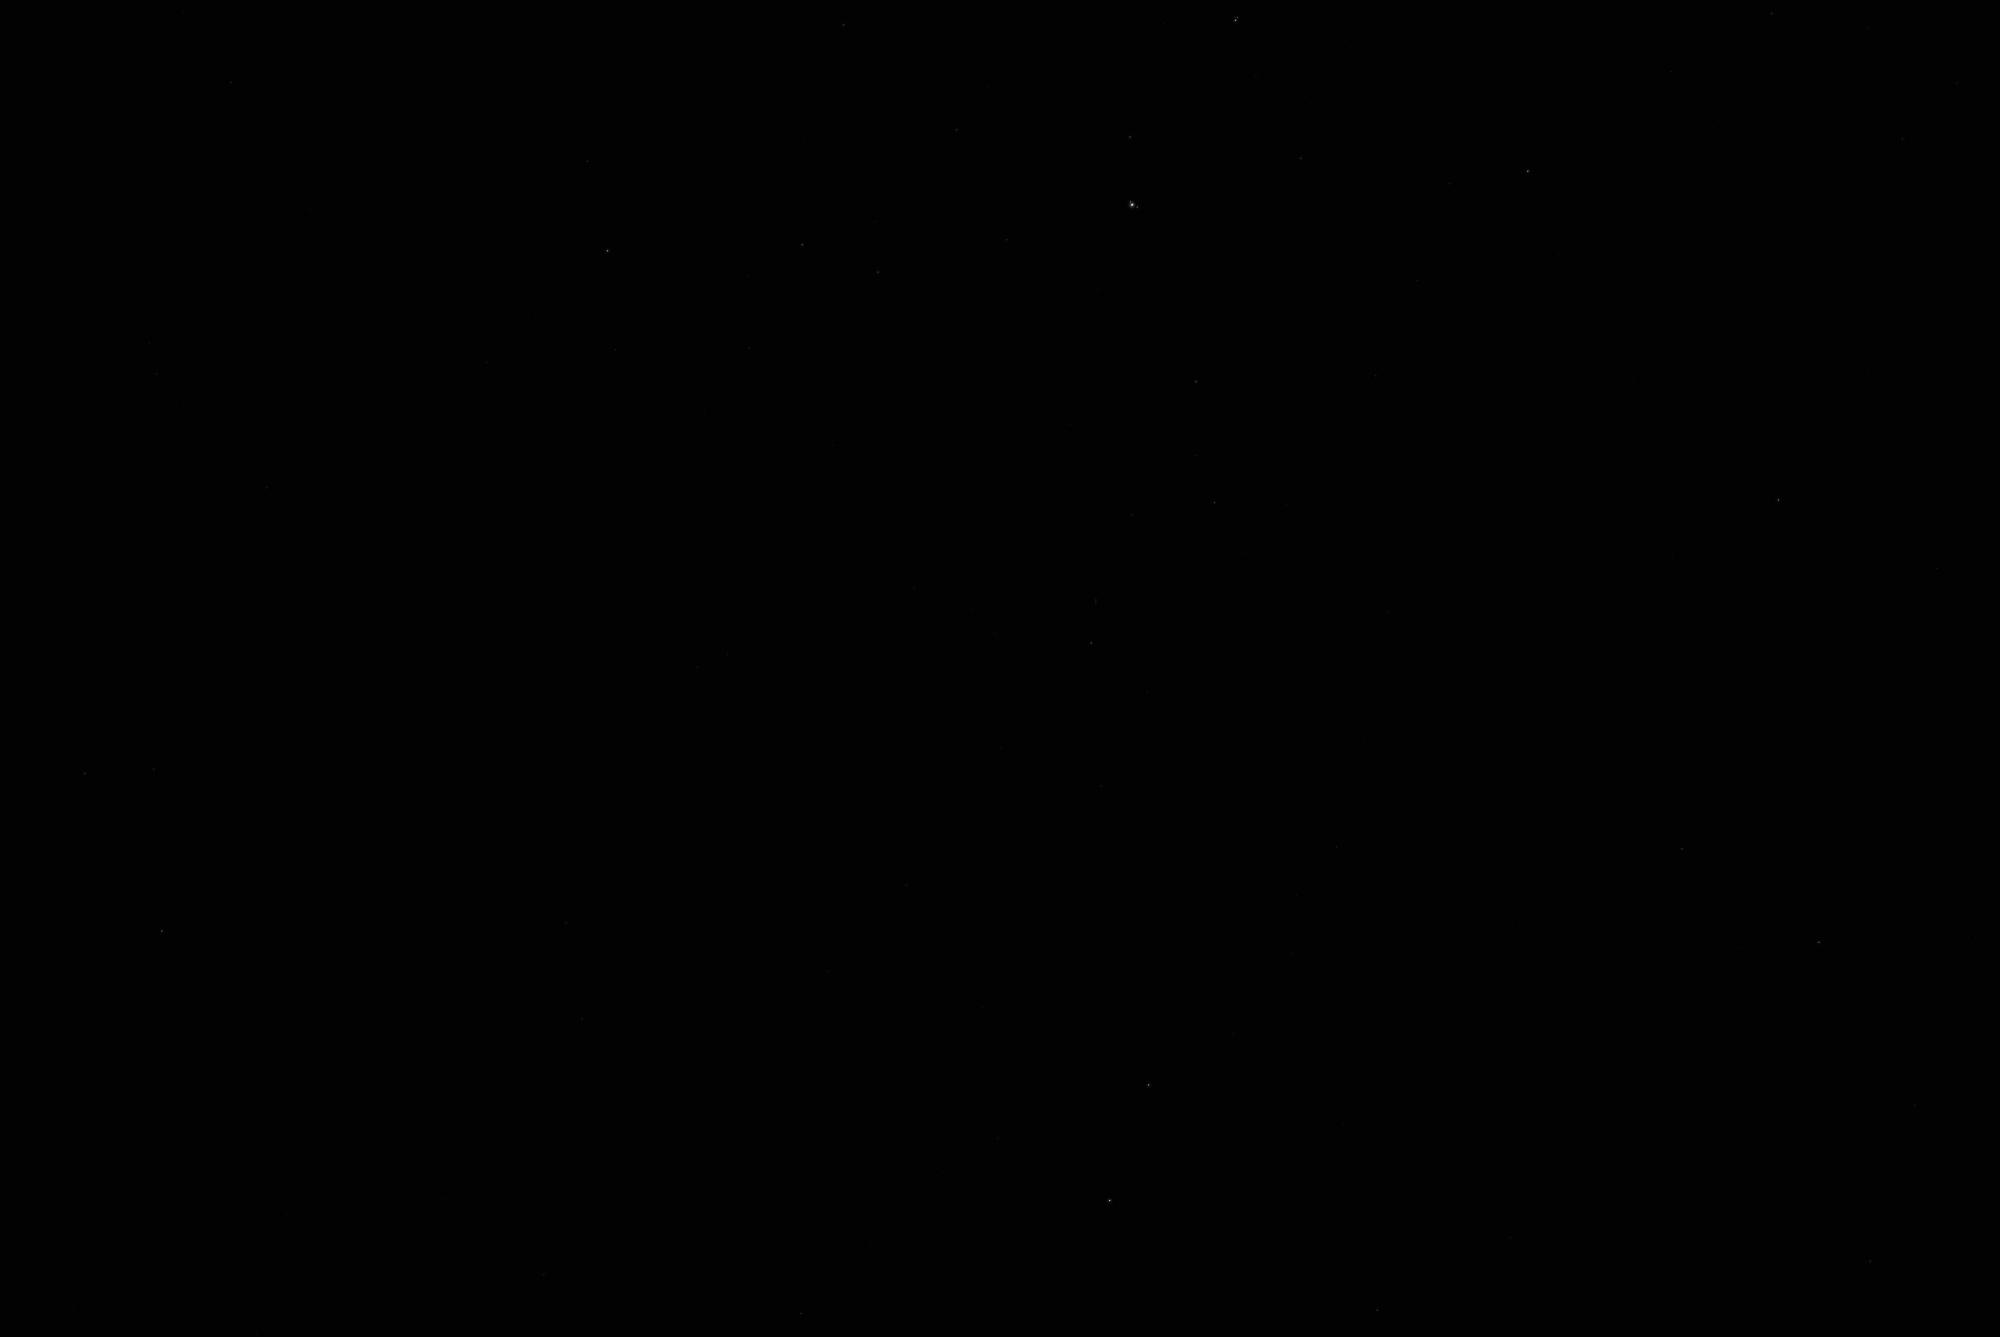 Light_IC1396_300.0s_Bin1_6_0007.jpg